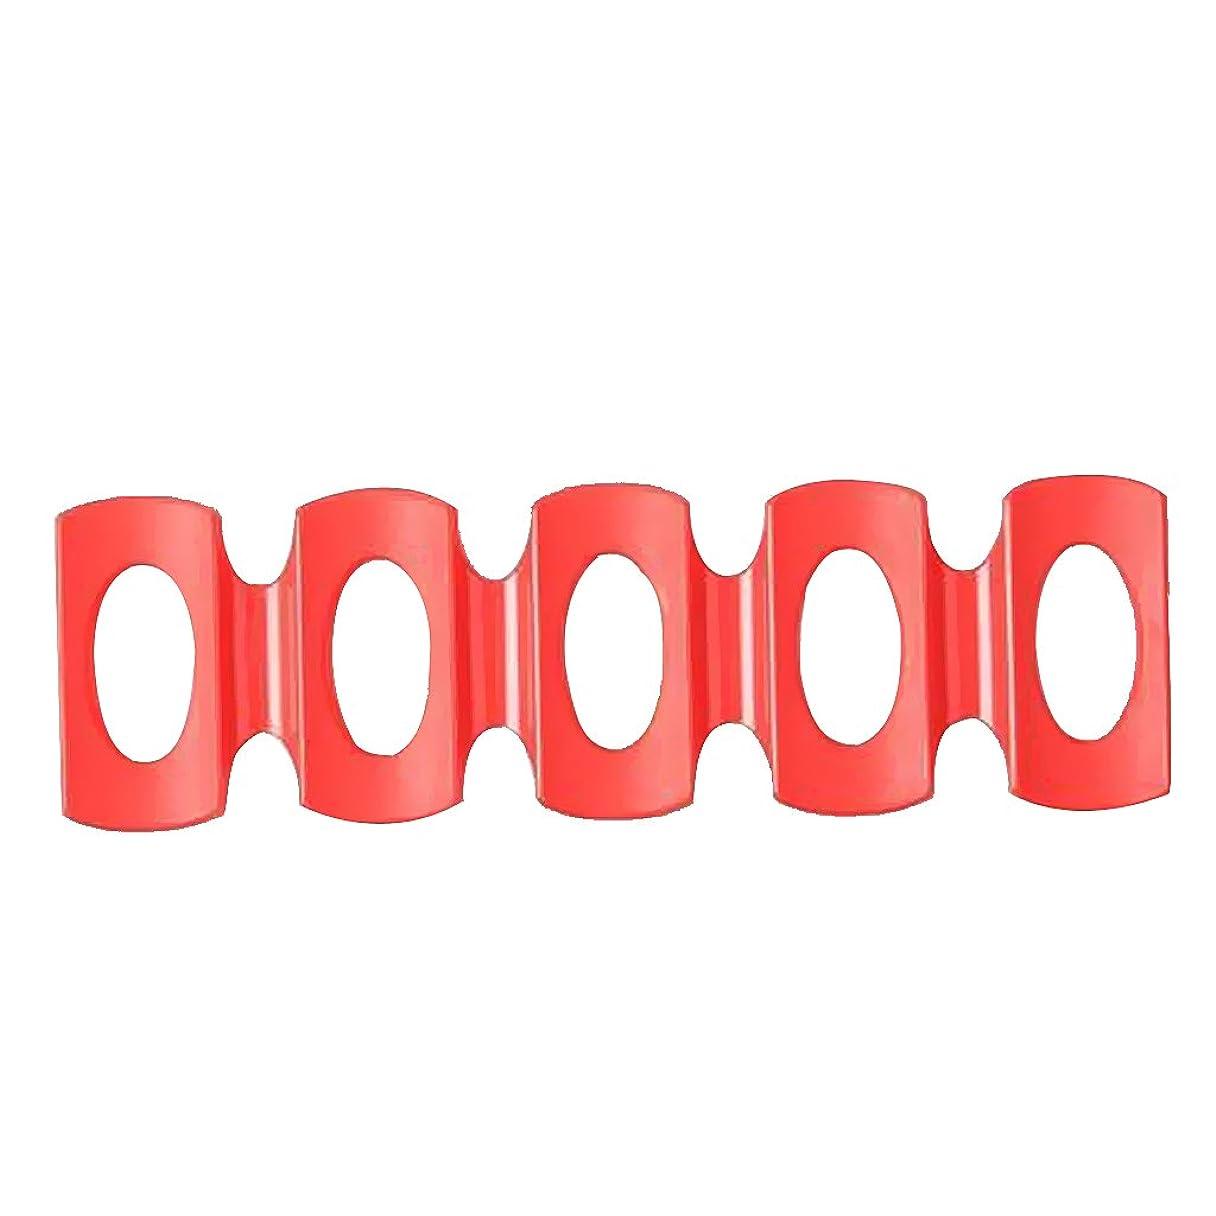 二度使用法変数Tenine卓上ワイングラススタンド グラスホルダー ステンレス 6本用インテリア風 グラス収納 吊り下げ サスペンションカップ キッチン バーカウンター ディスプレイ テーブル装飾(8の形状)